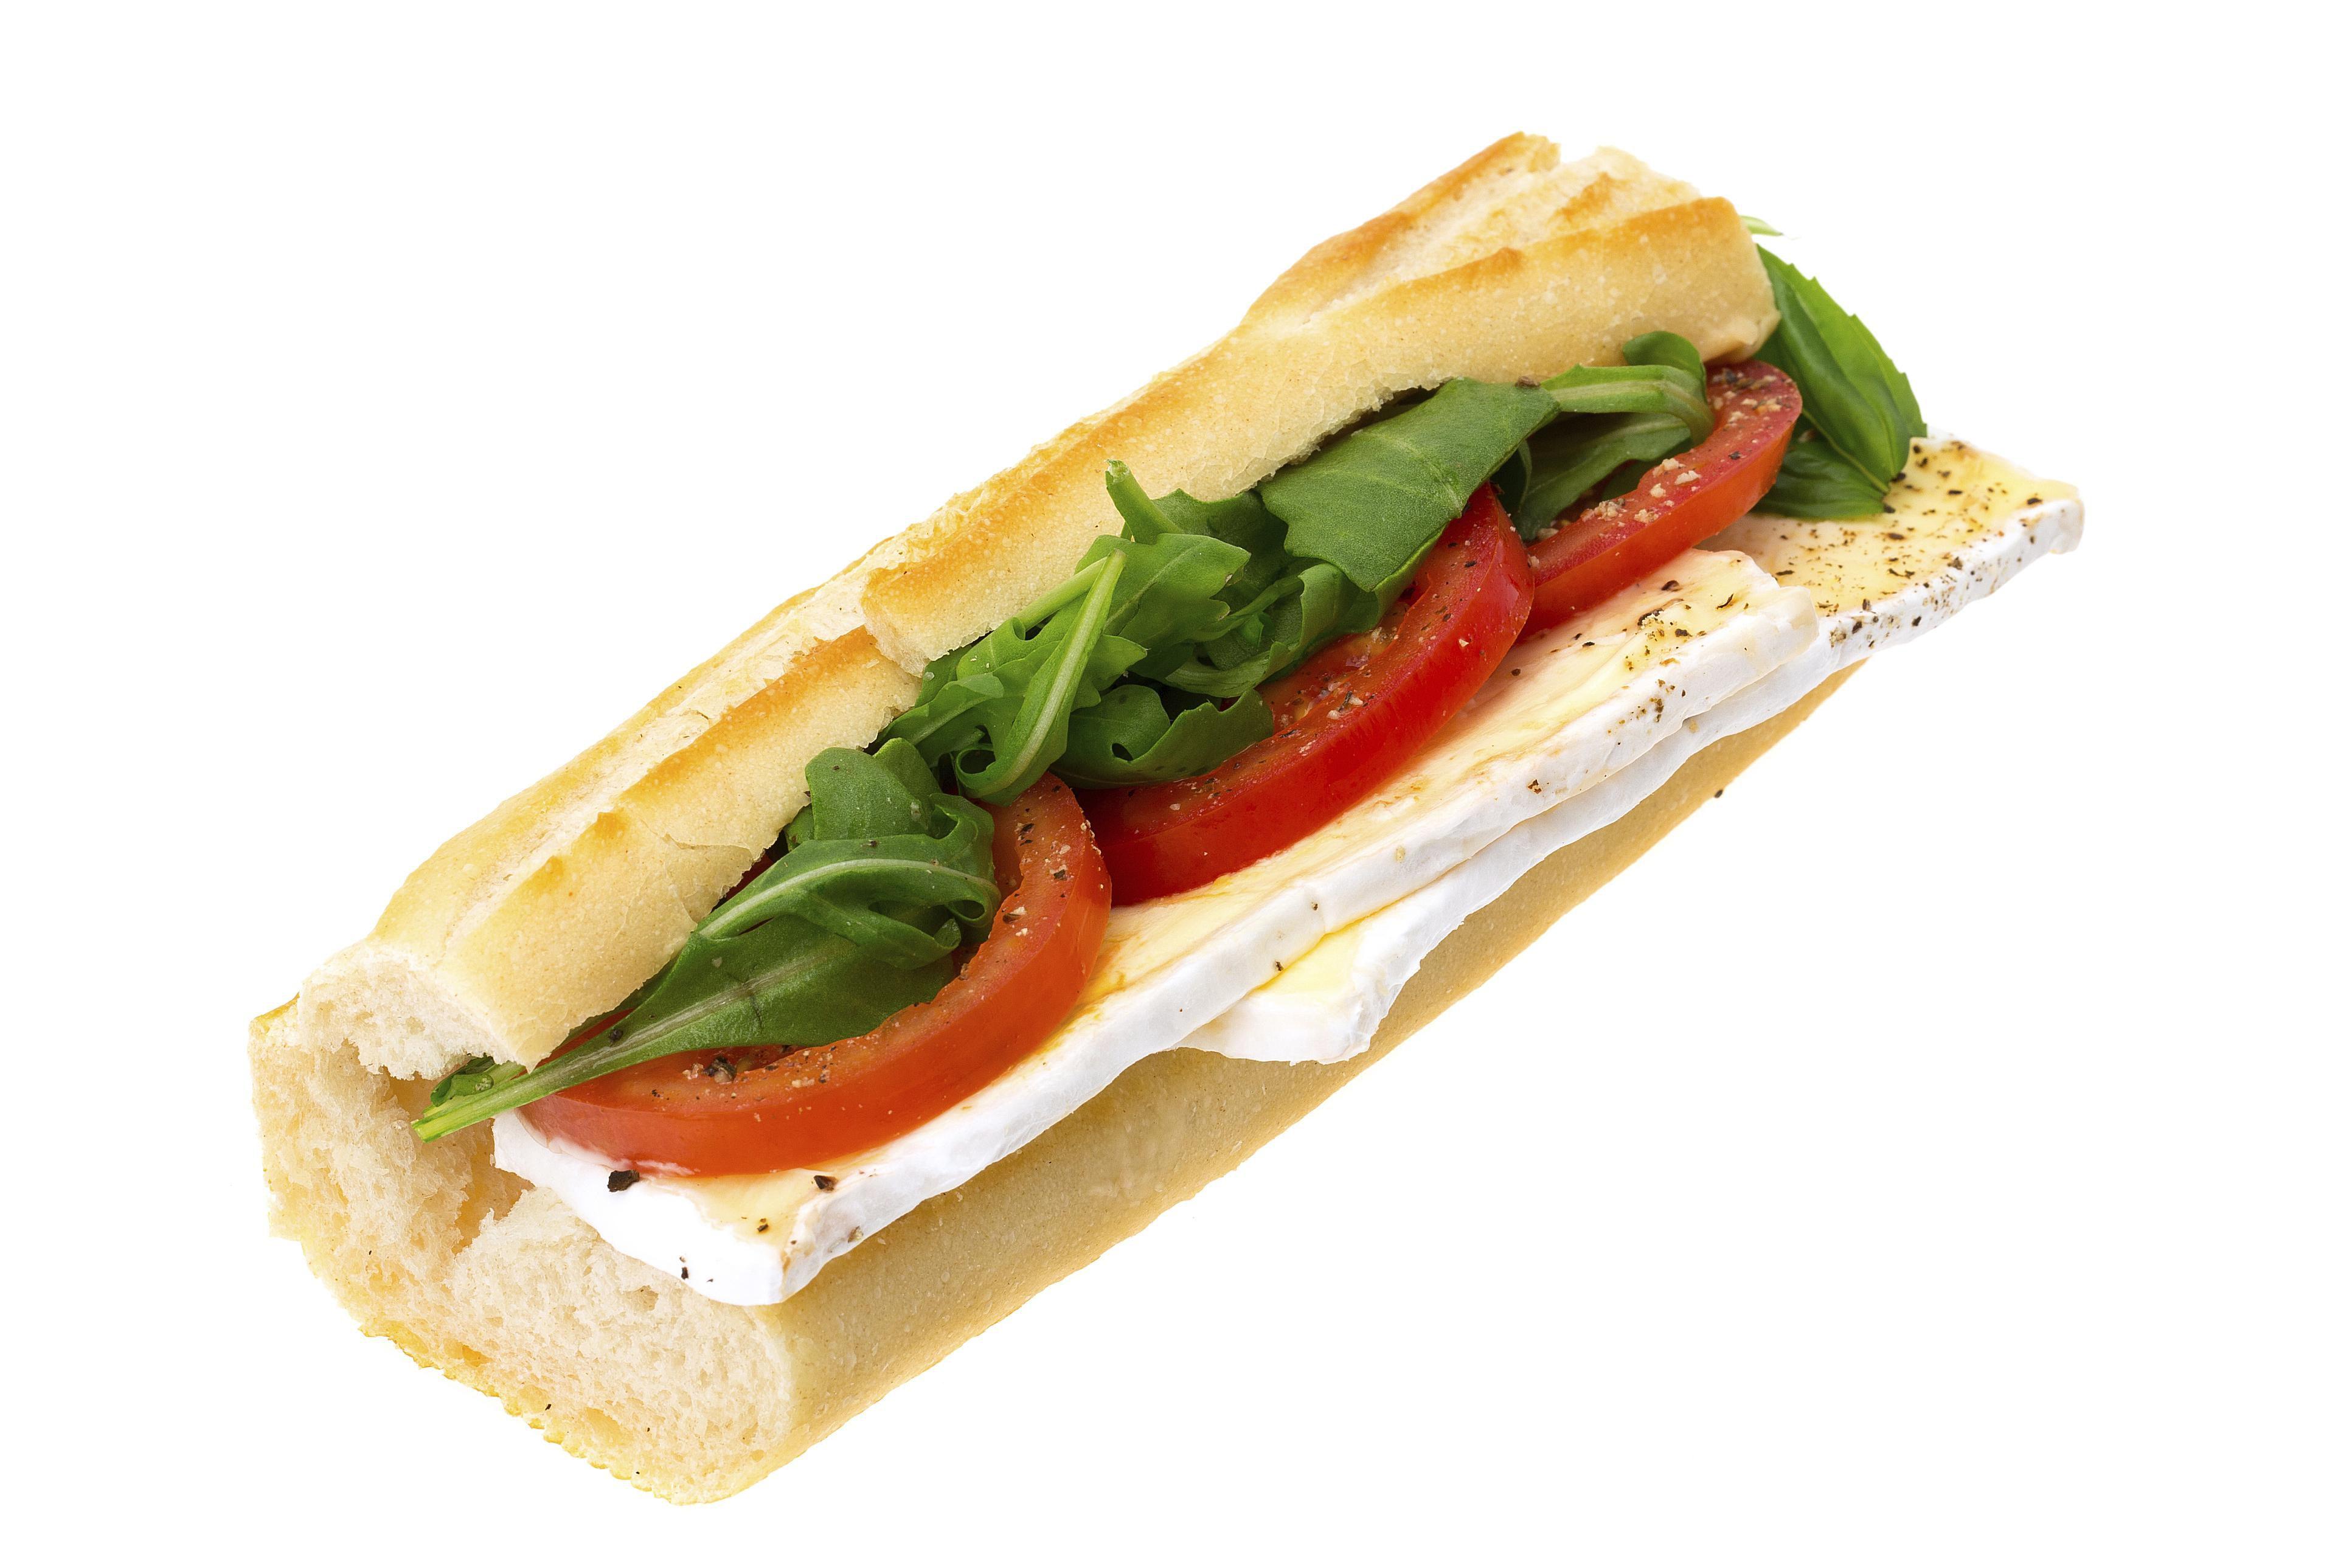 Tomato Brie Basil Sandwich Recipe